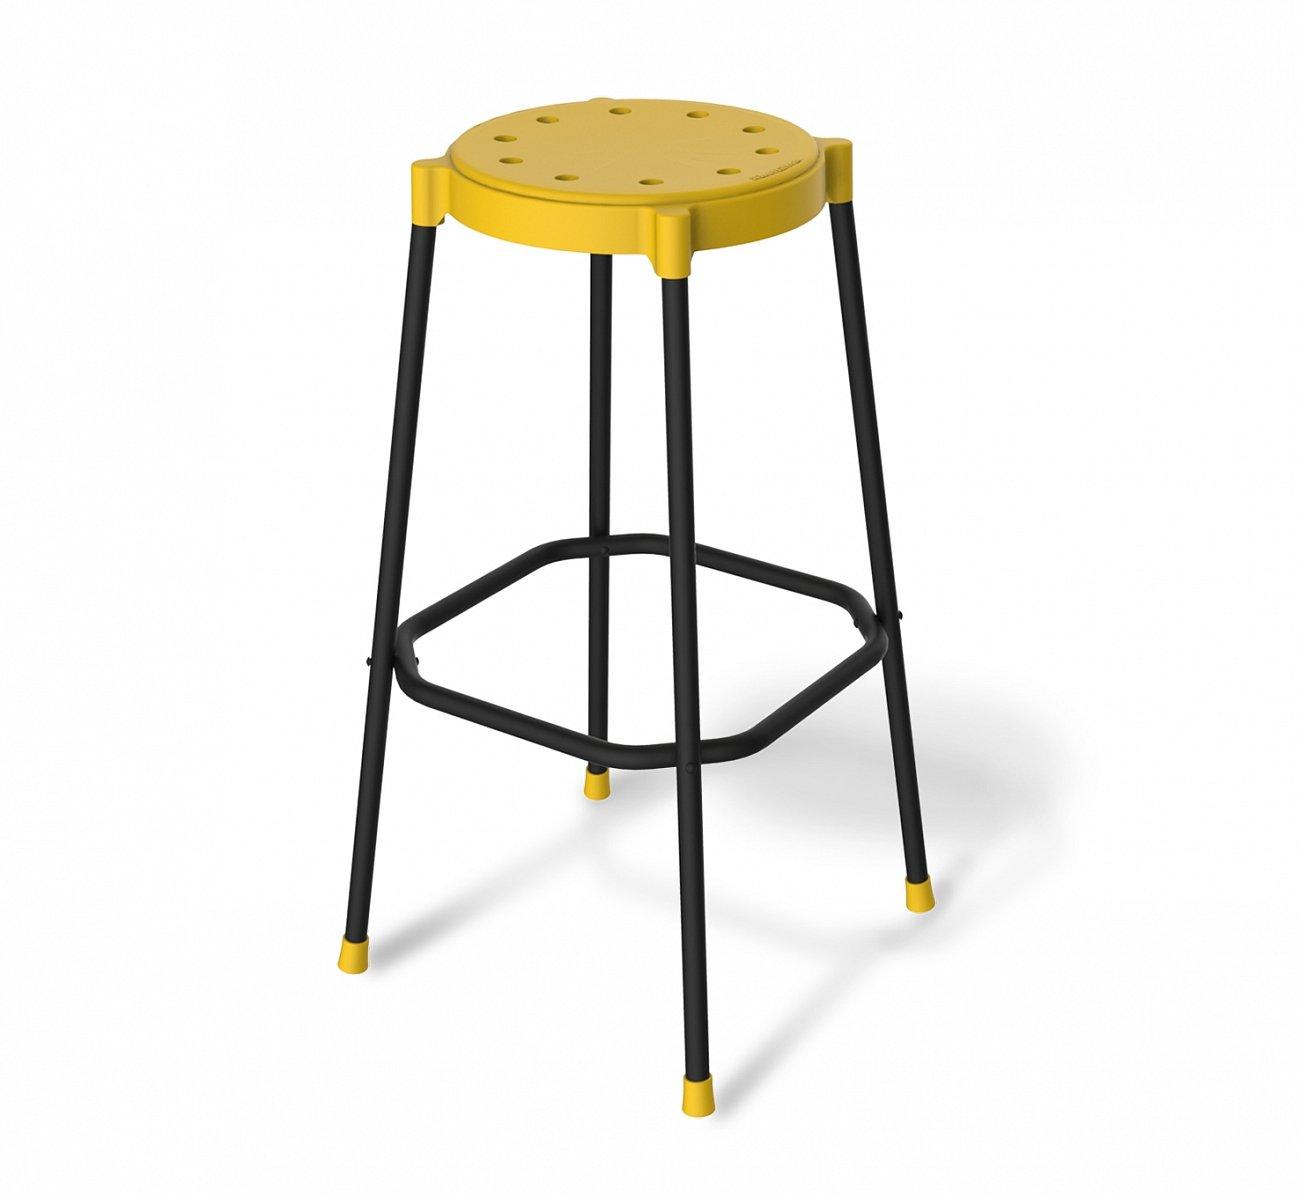 Купить Стул барный DSR желтый в интернет магазине дизайнерской мебели и аксессуаров для дома и дачи